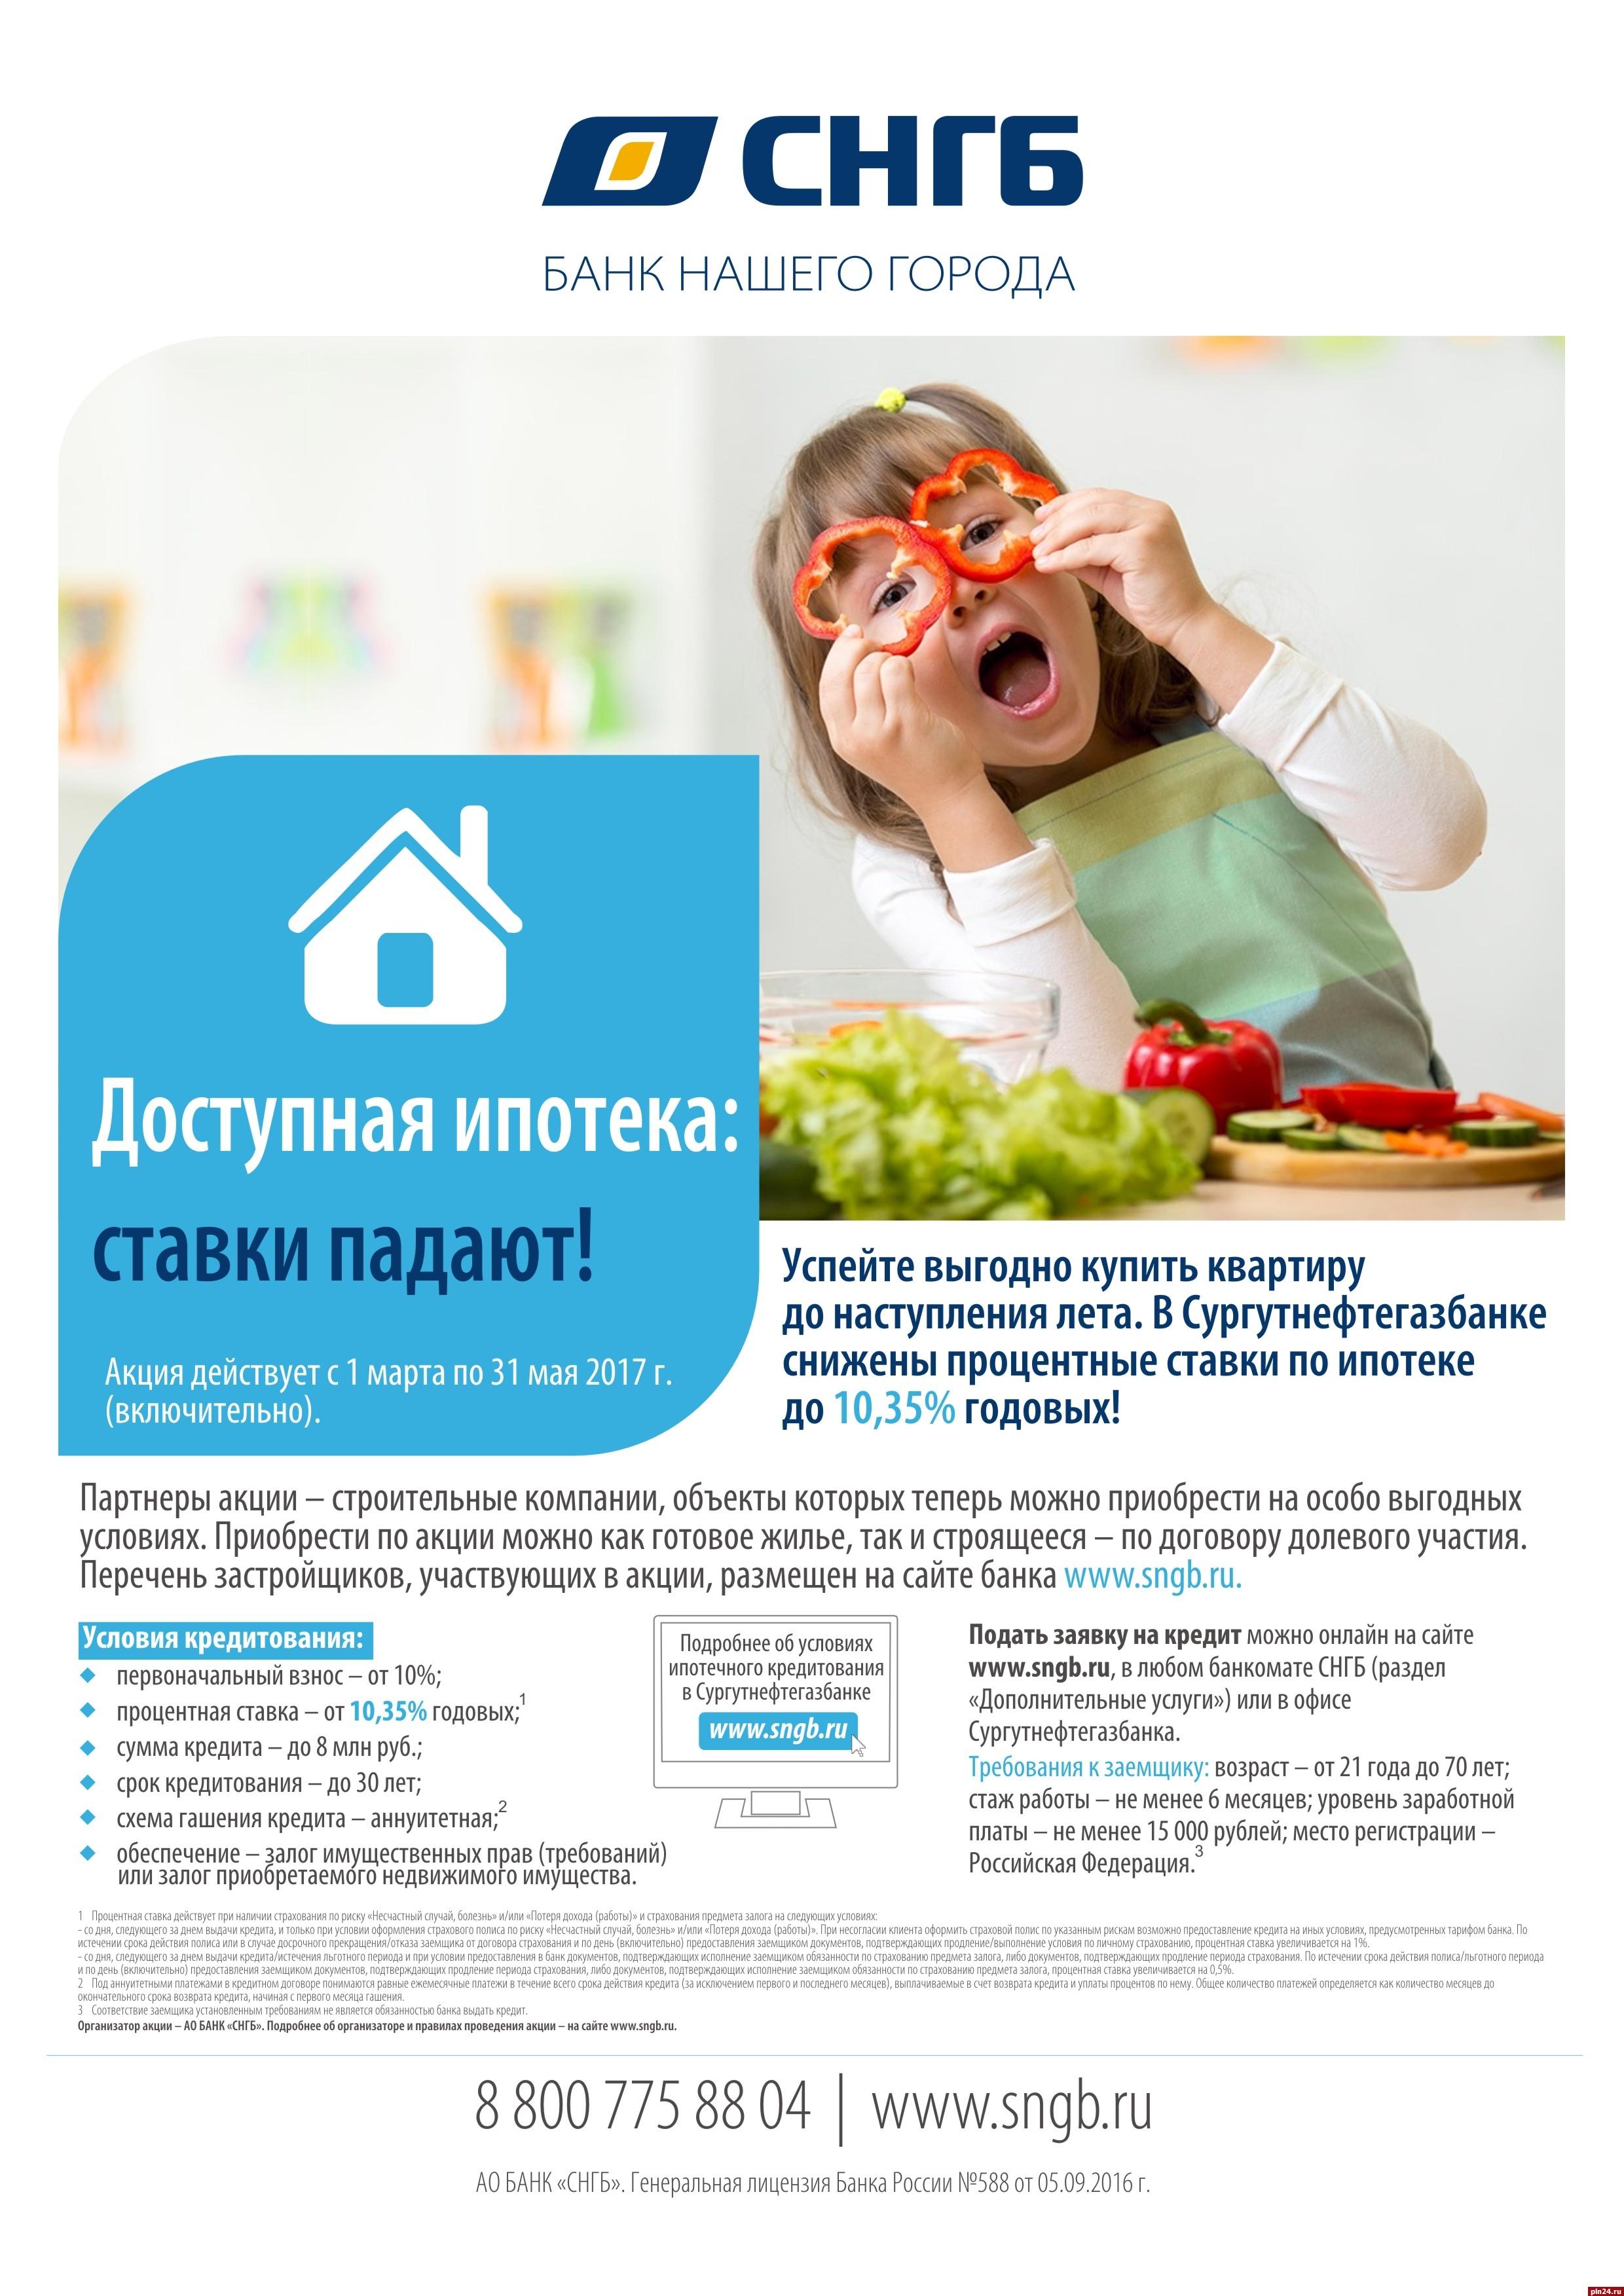 образом, функциональное, как можно подать заявку на кредит в сургутнефтегазбанке социальных сетях: Детские